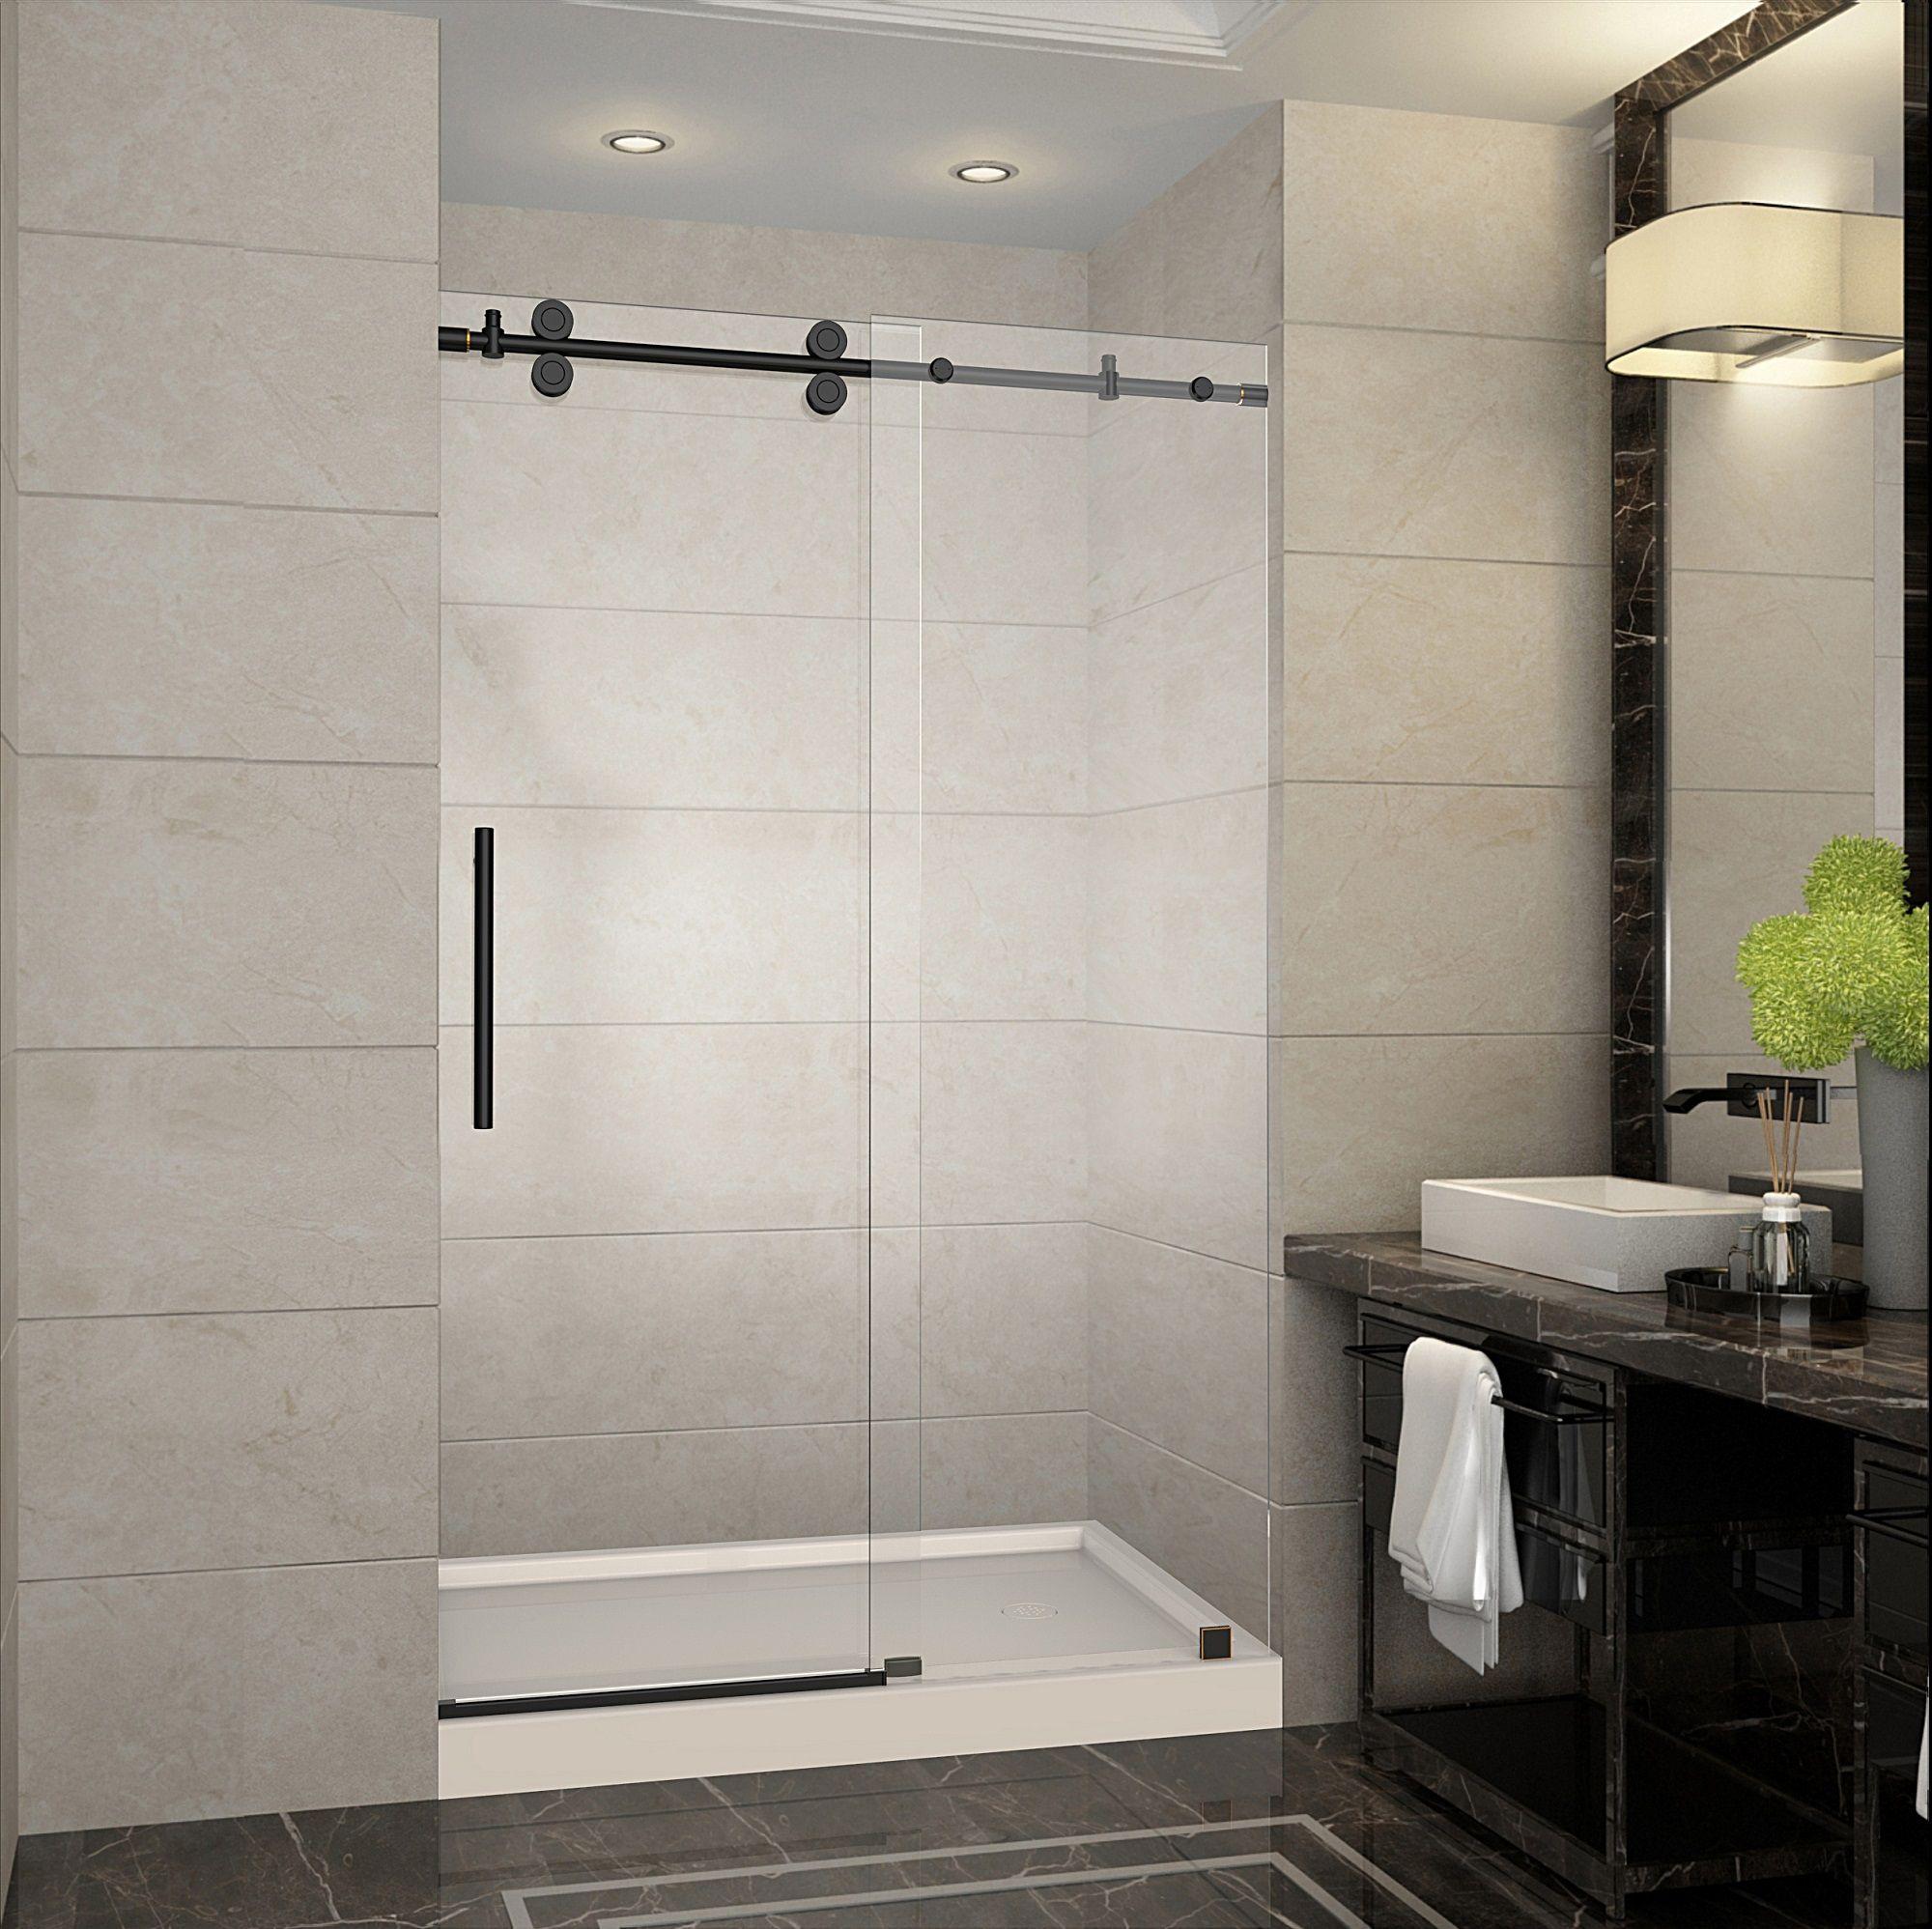 Langham 48 x 77 5 completely frameless sliding shower for Oil rubbed bronze bathroom ideas